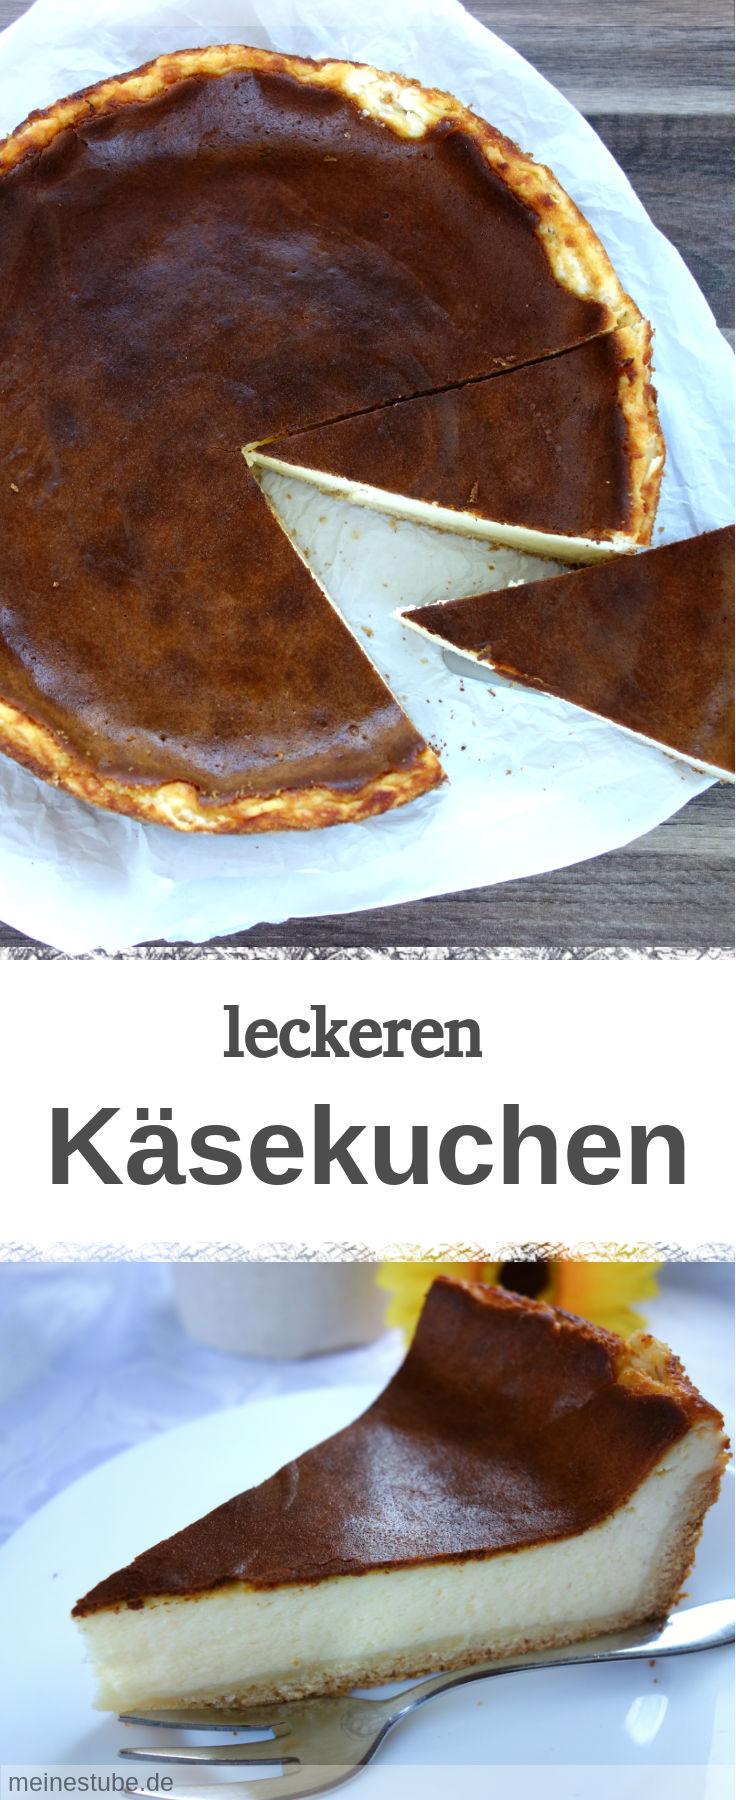 Rezept für leckeren Käsekuchen. Mit Schichtkäse zubereitet und Mürbeteig-Boden.